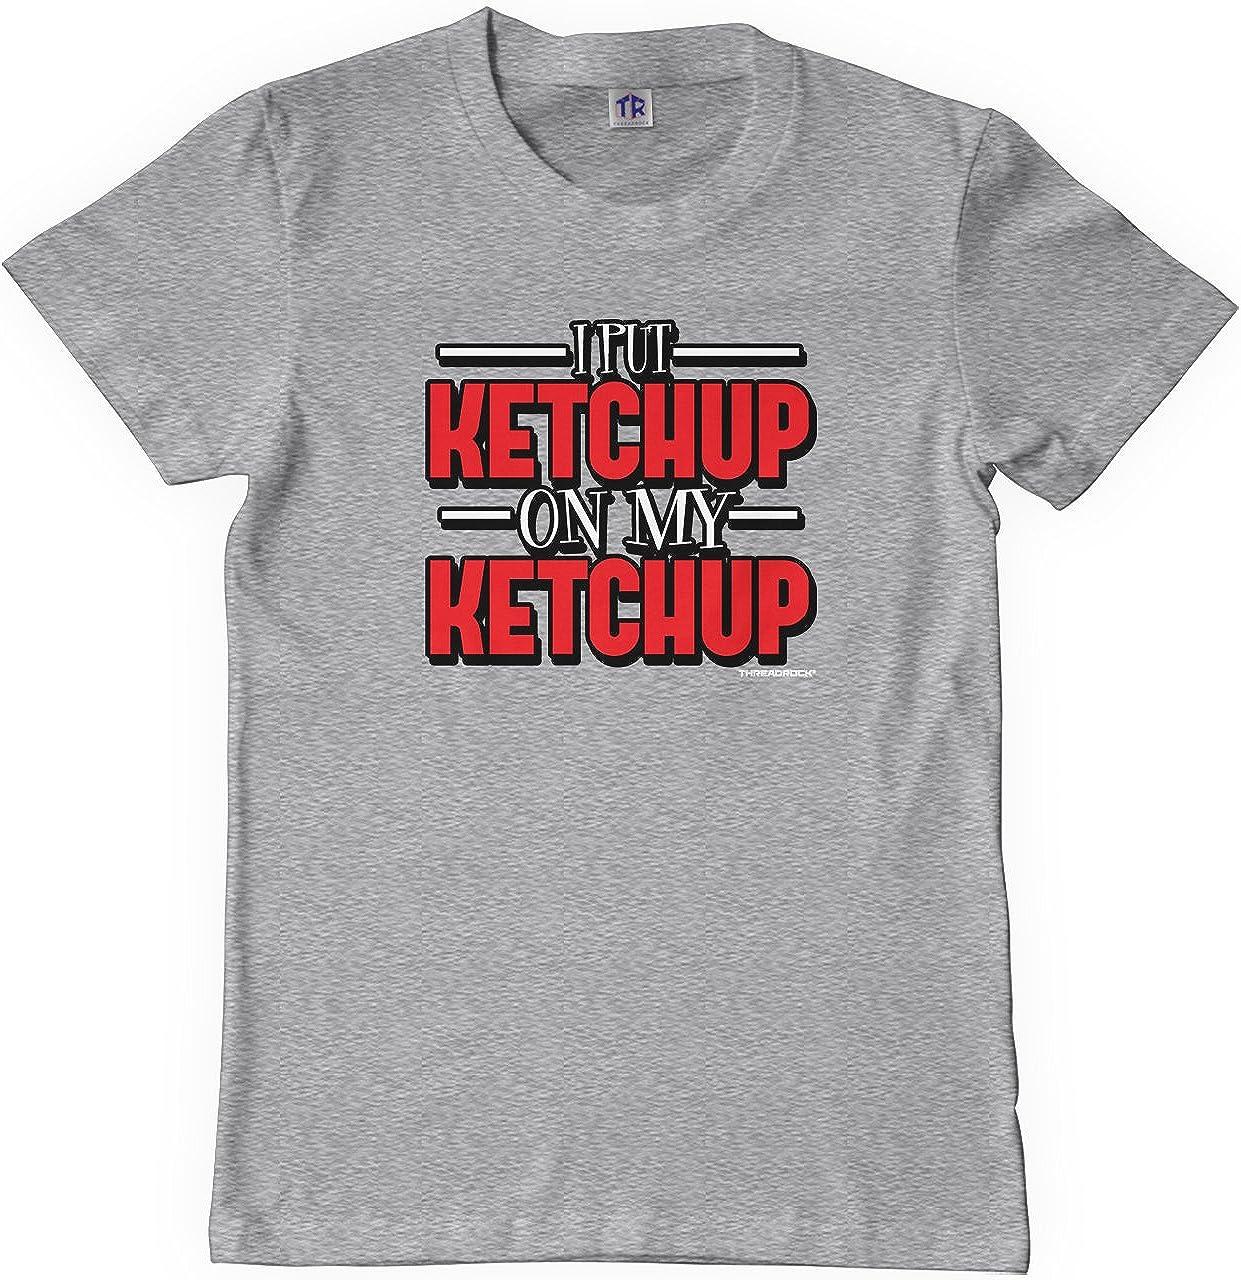 Threadrock Big Boys' I Put Ketchup on My Ketchup Youth T-Shirt